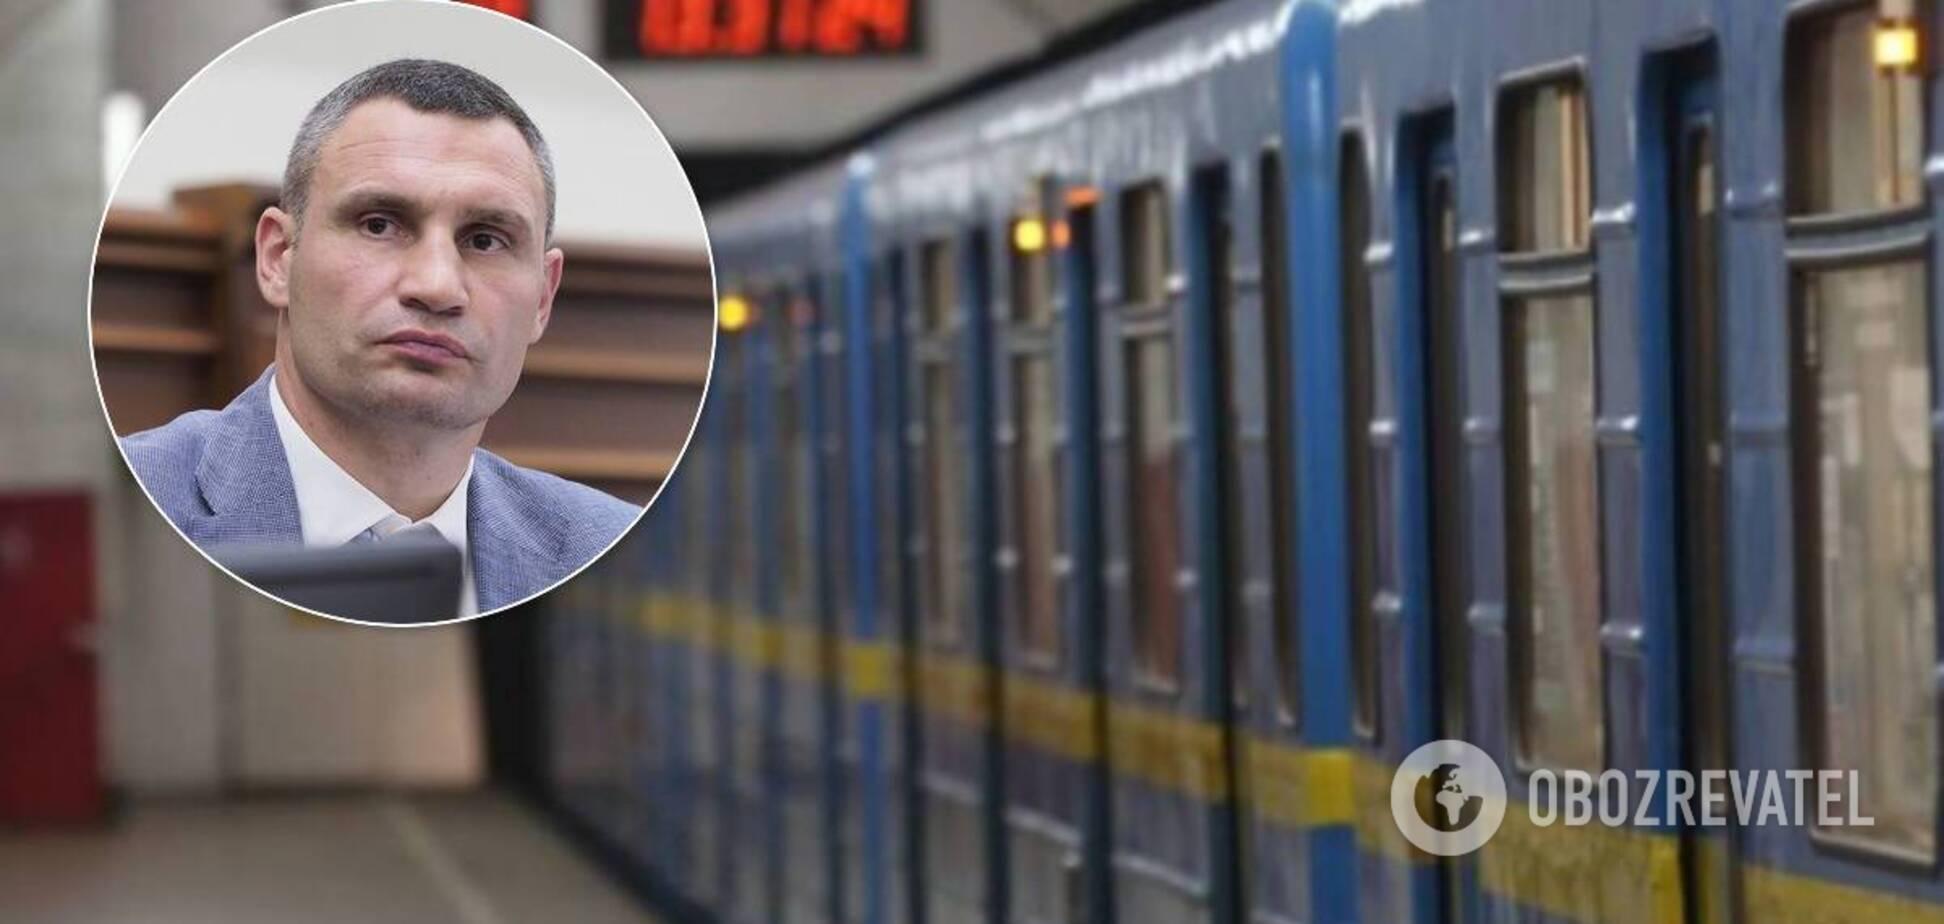 Кличко сказал, что будет с тарифами на электротранспорт в Киеве